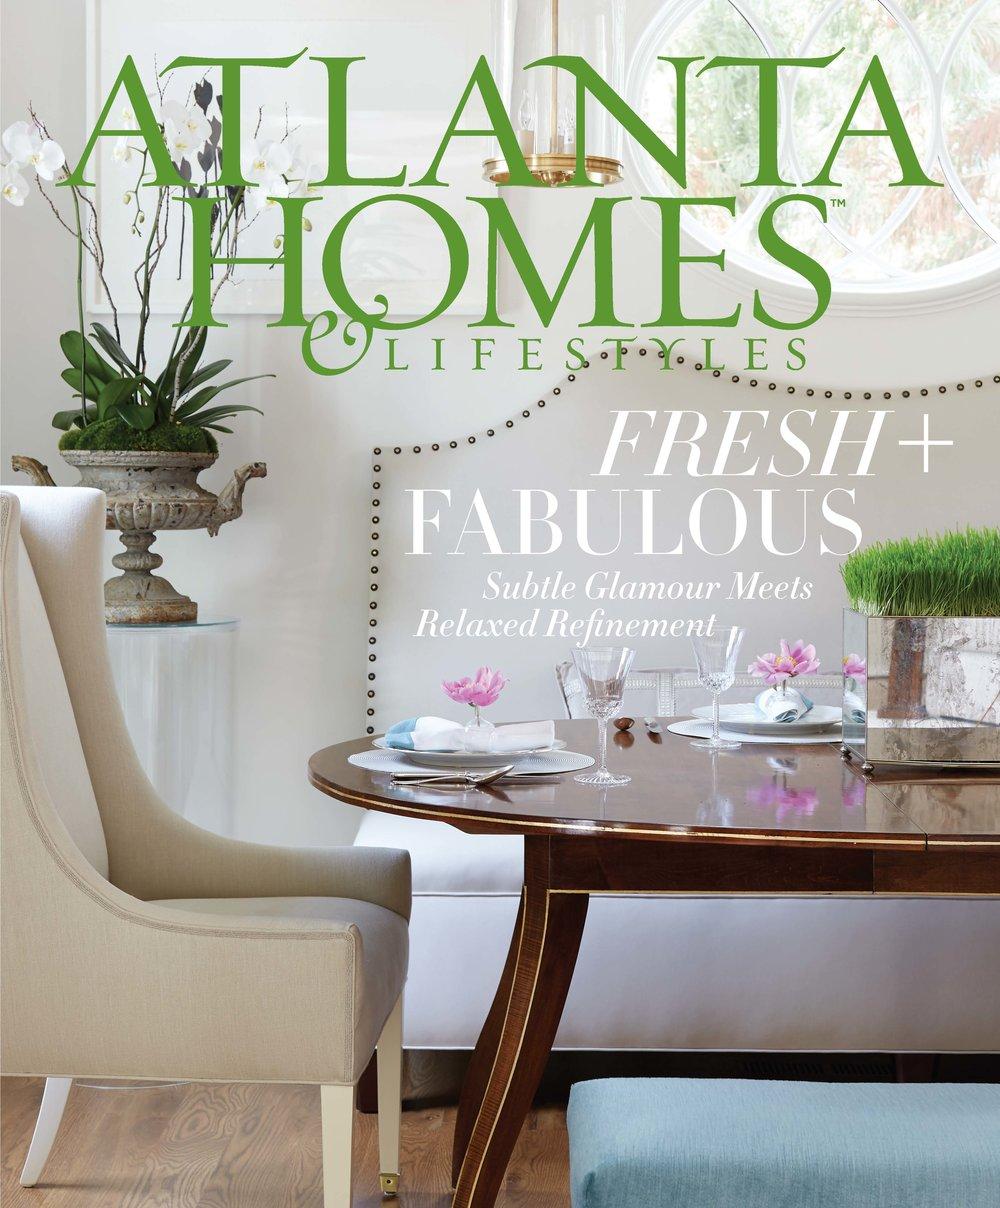 2017-02-01-Atlanta-Homes_Page_1.jpg